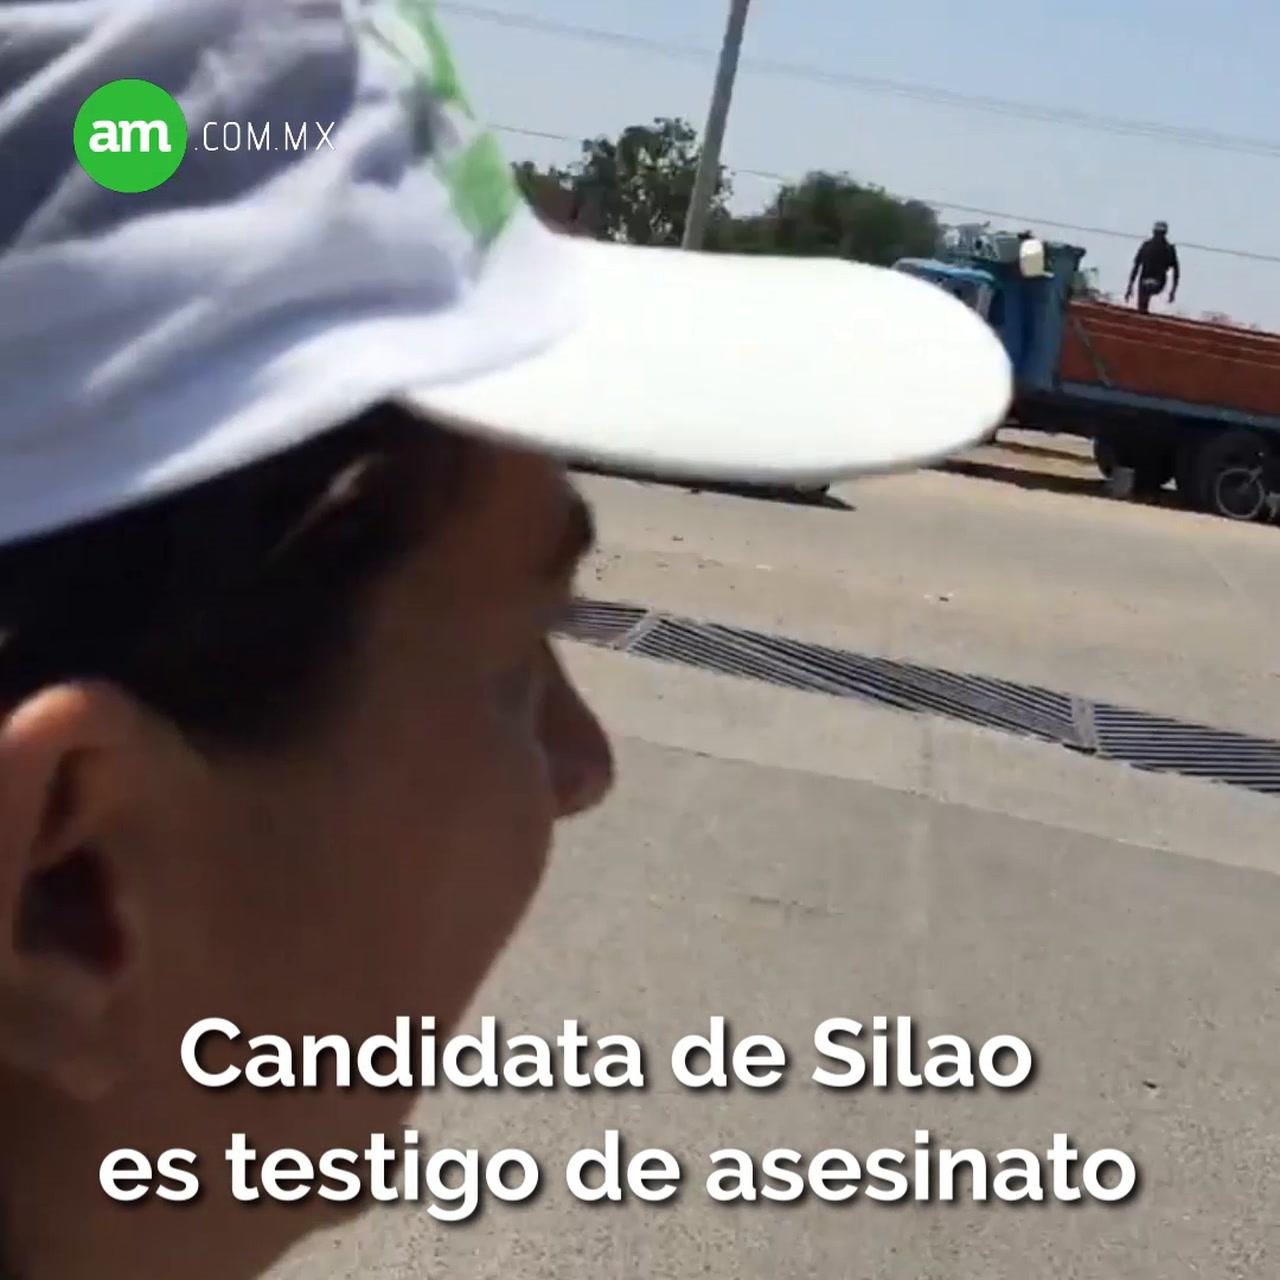 Video: Candidata de Silao es testigo de asesinato